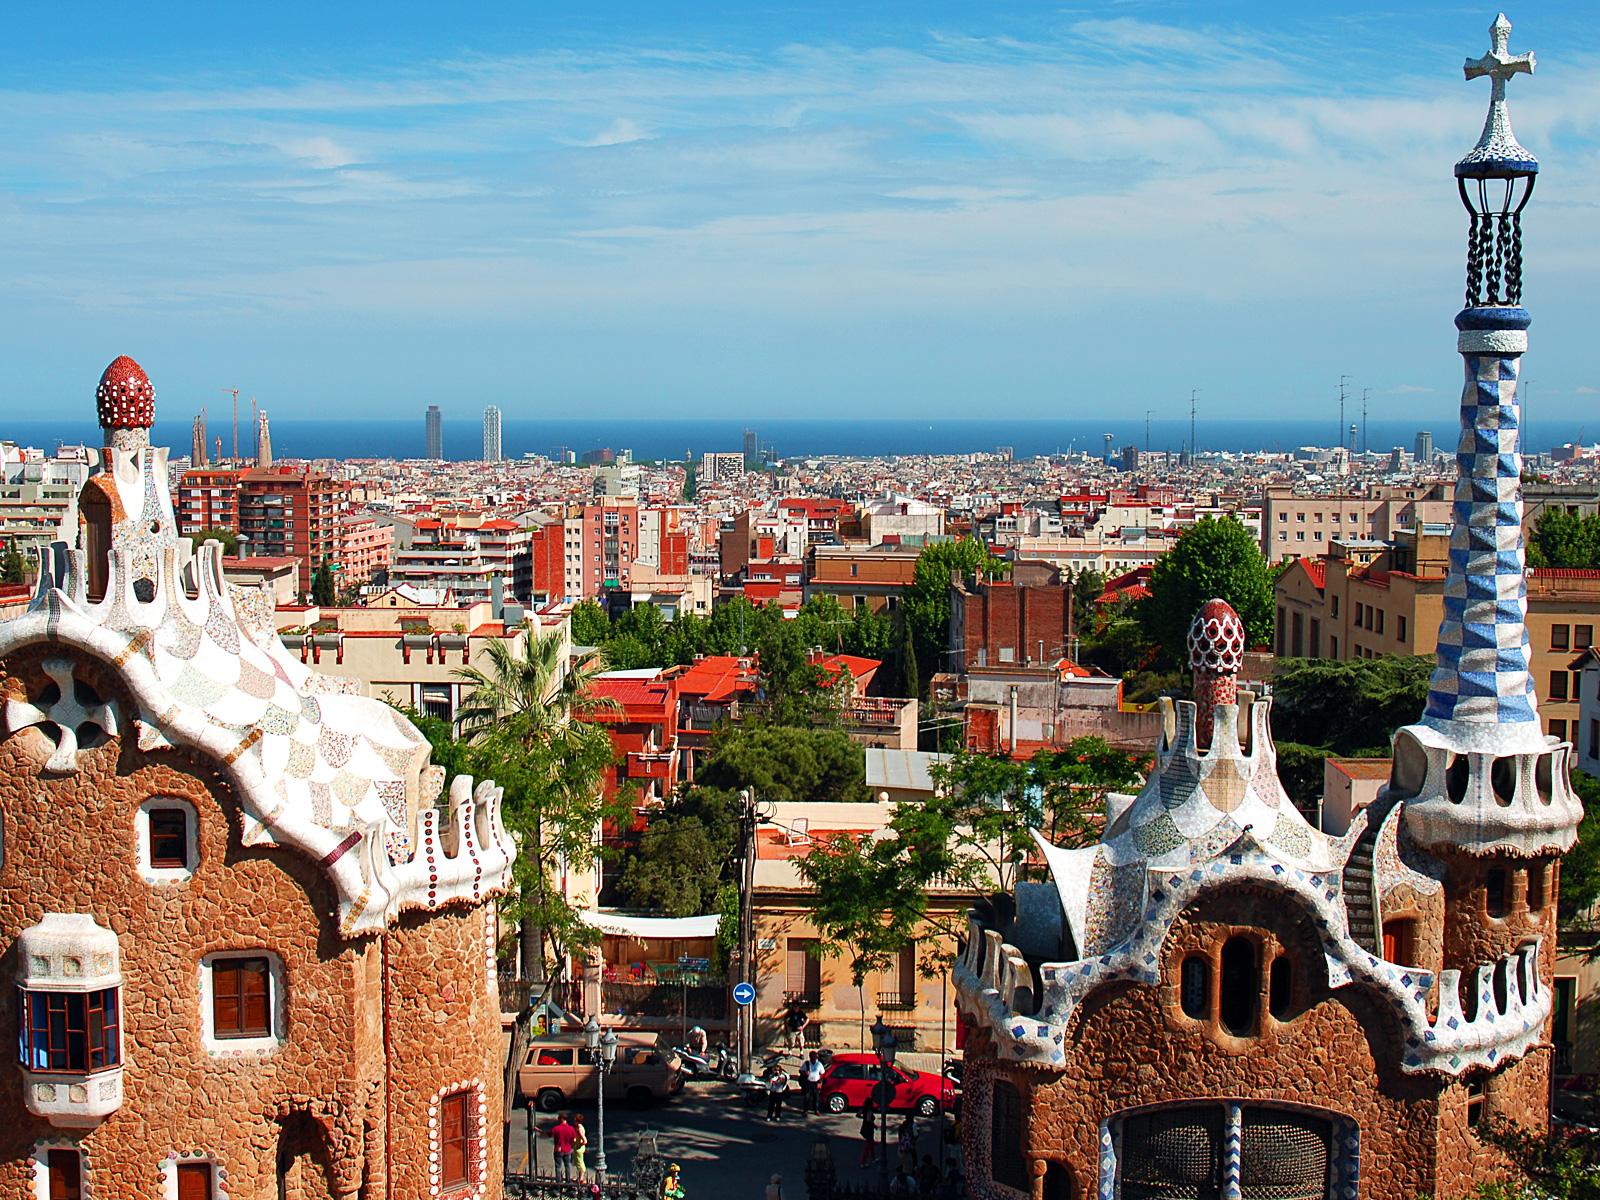 Barcelona - Vincci Hoteles